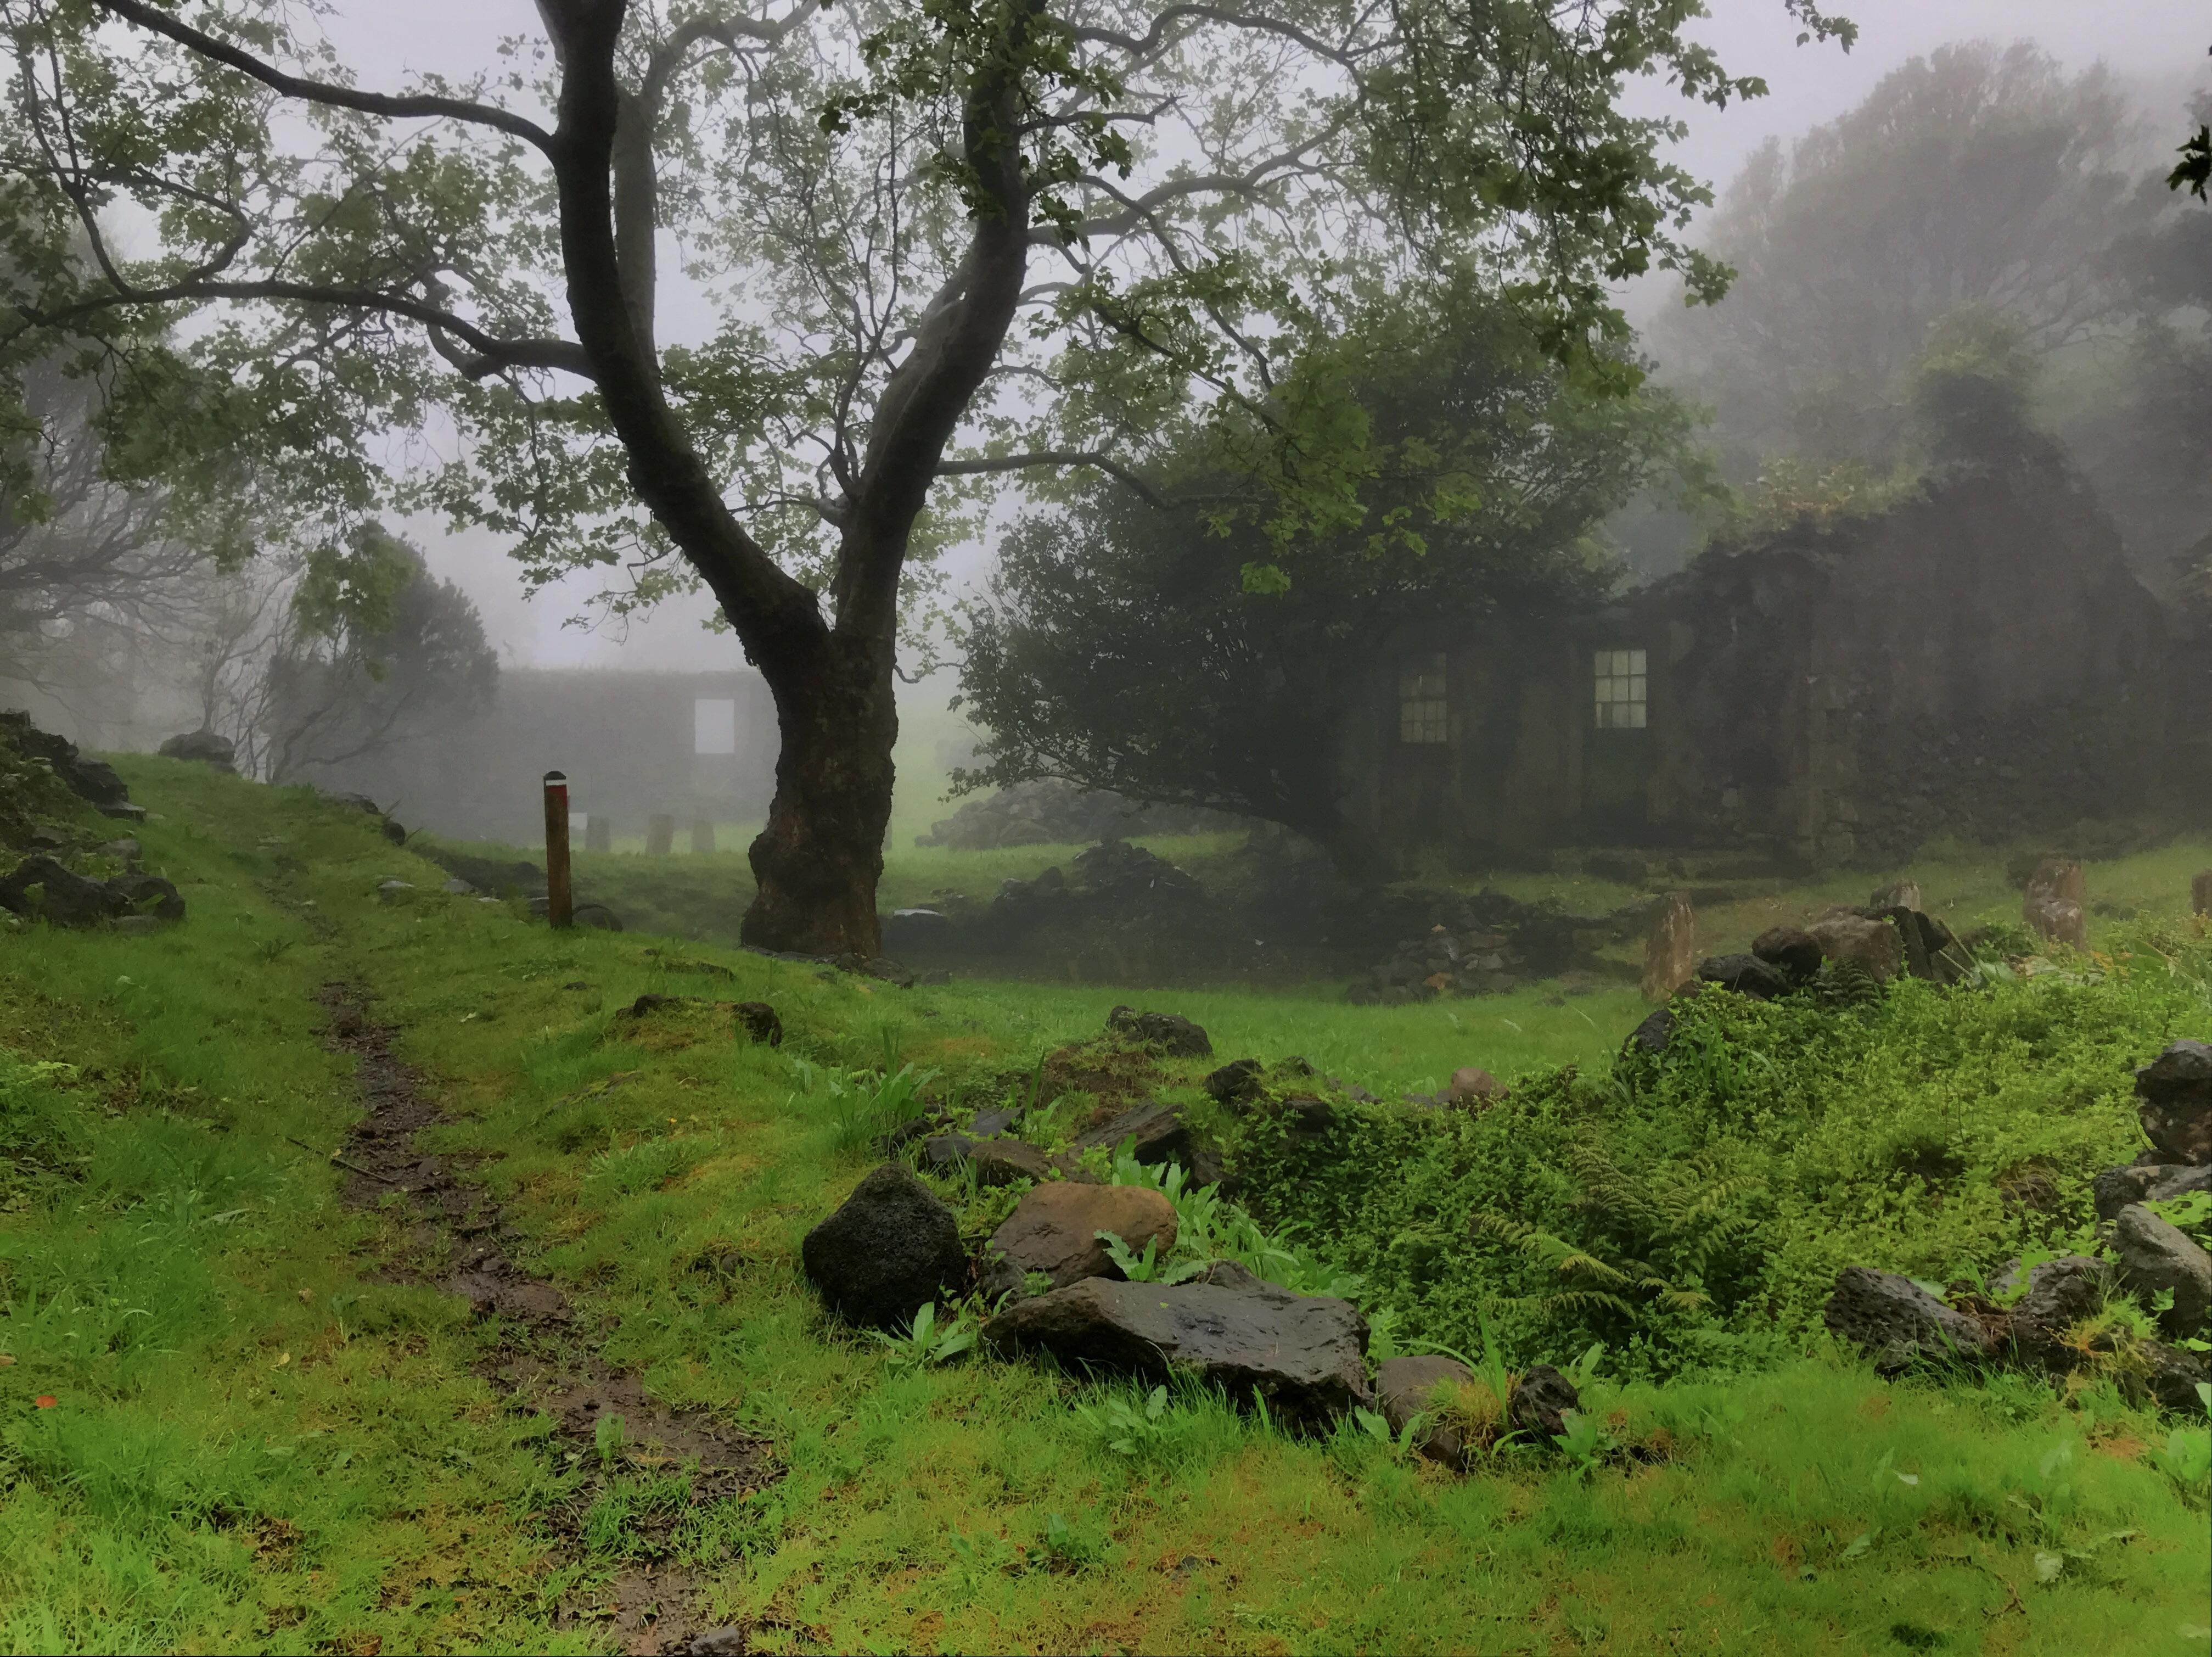 Casa das Levadas and Casa das Flores under mist